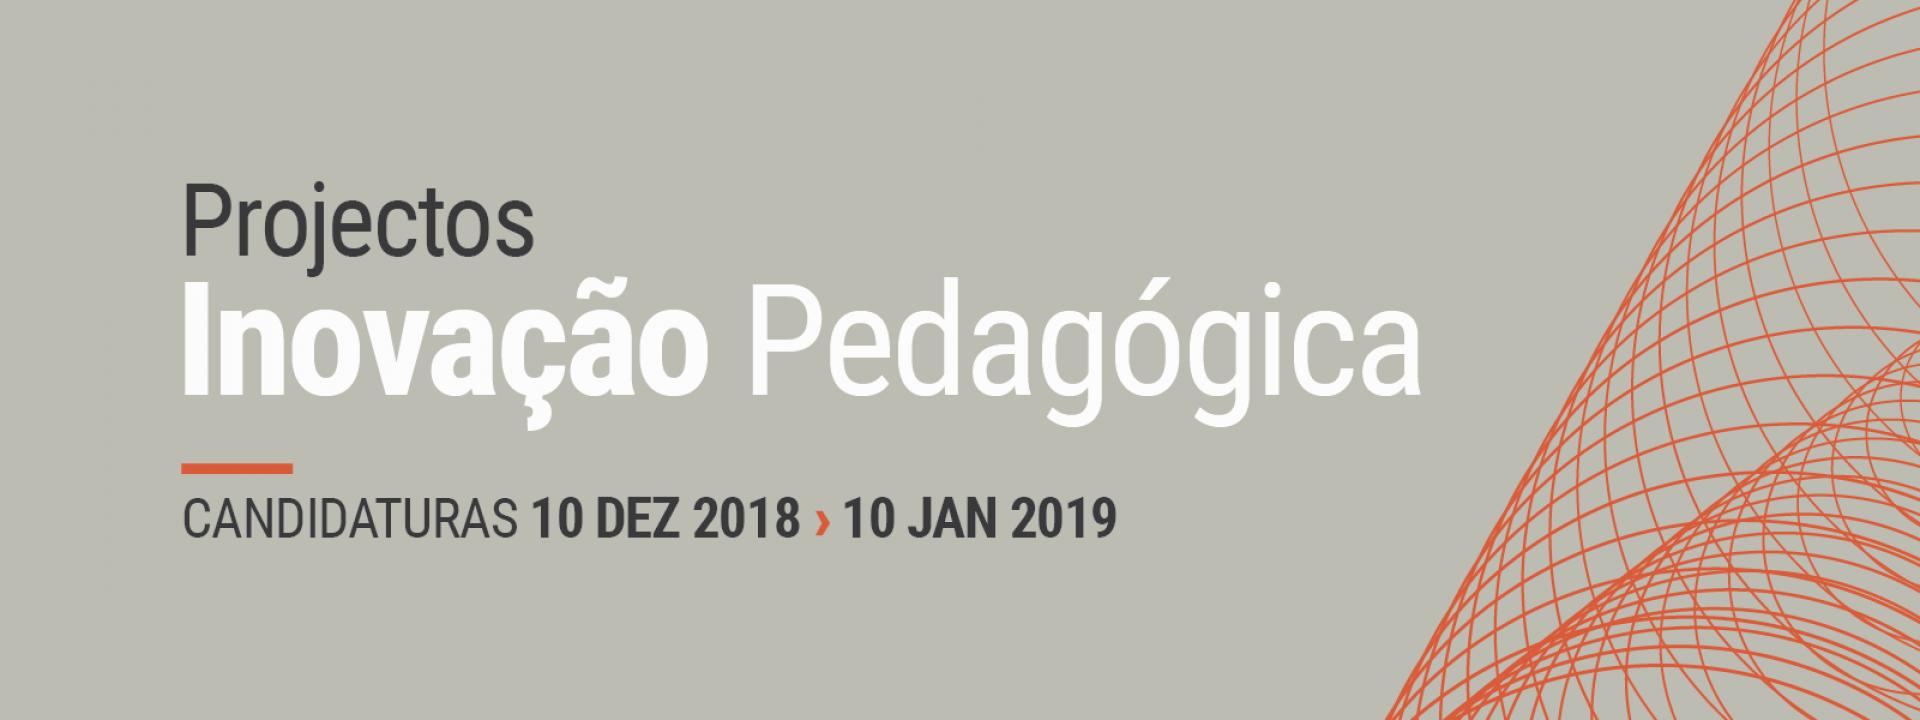 Projetos Inovação Pedagógica 2019